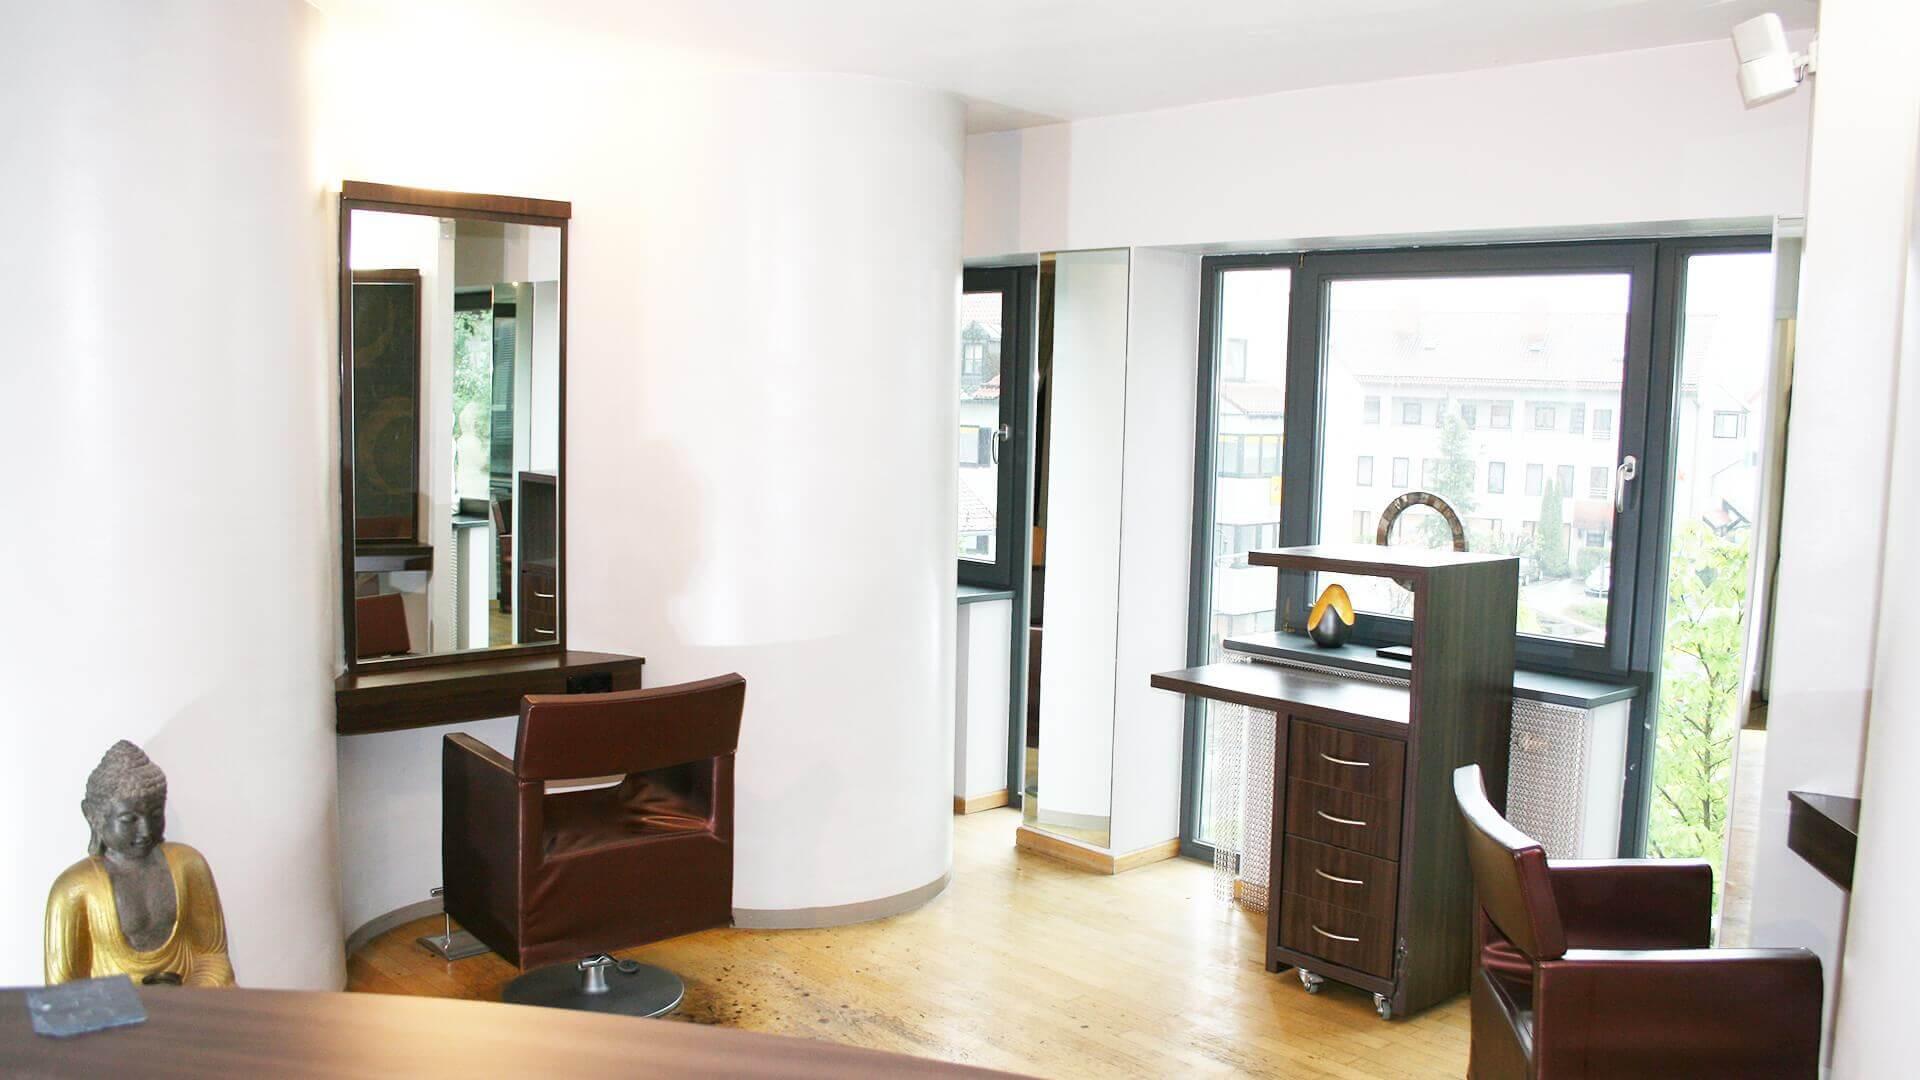 Benno Hagenbucher Friseure - Salon